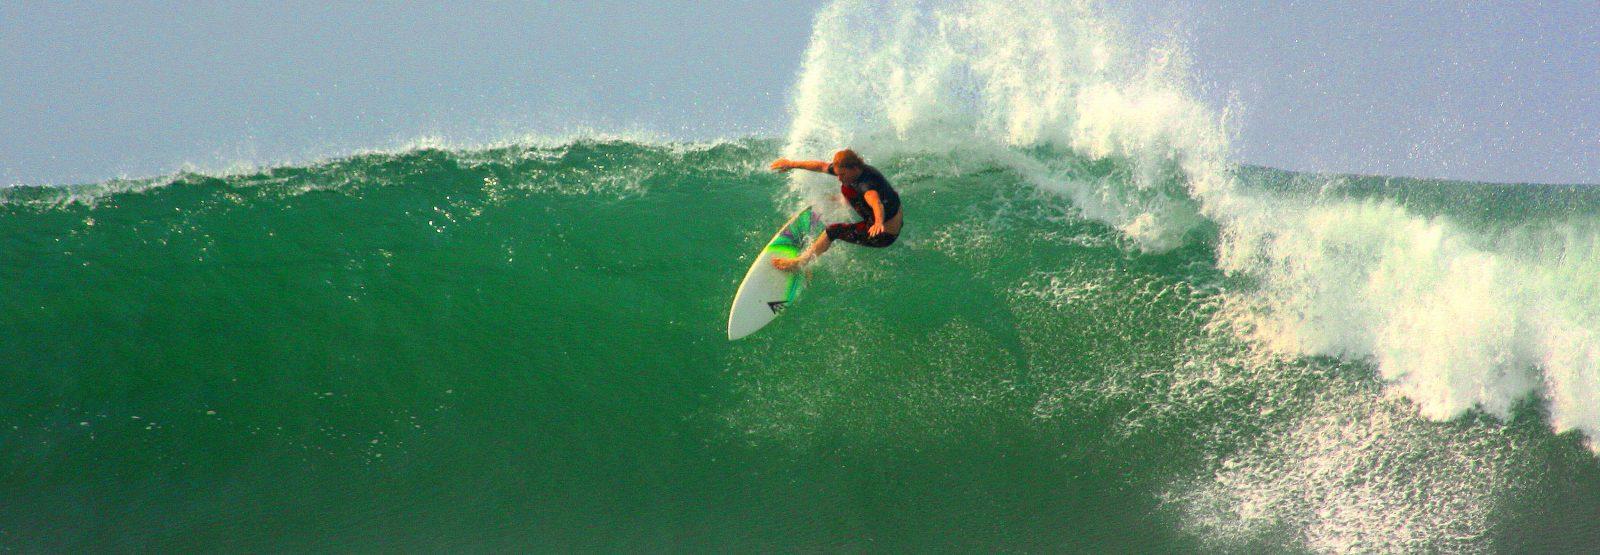 Surf and Adventure Trip El Salvador